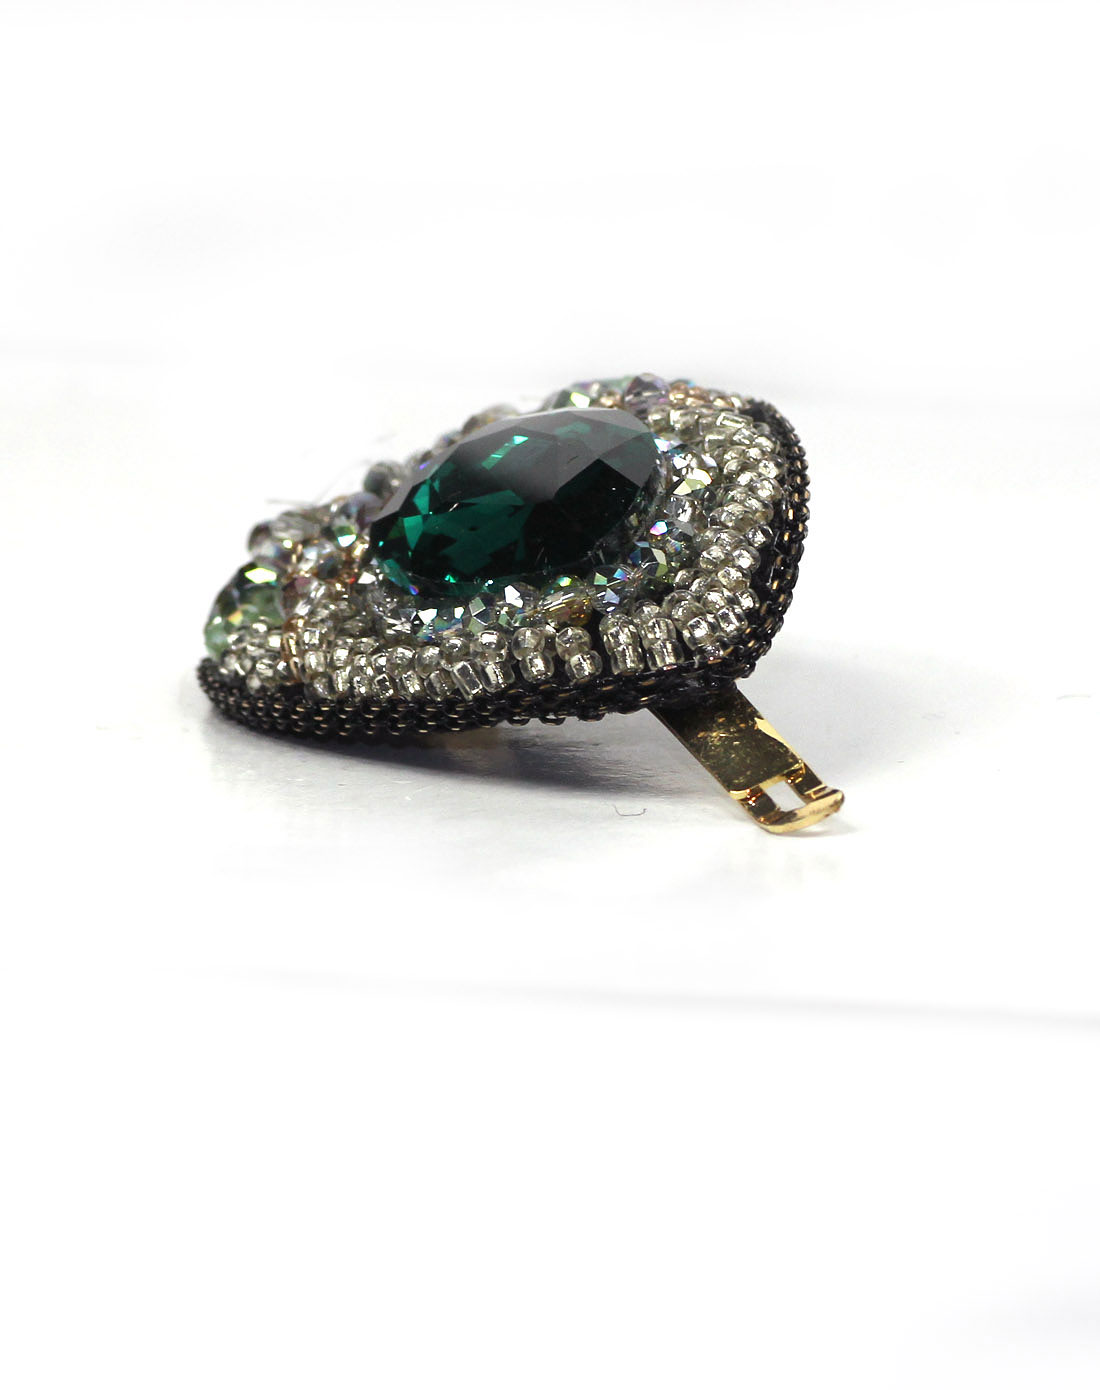 绿色水晶手工串珠孔雀羽边夹